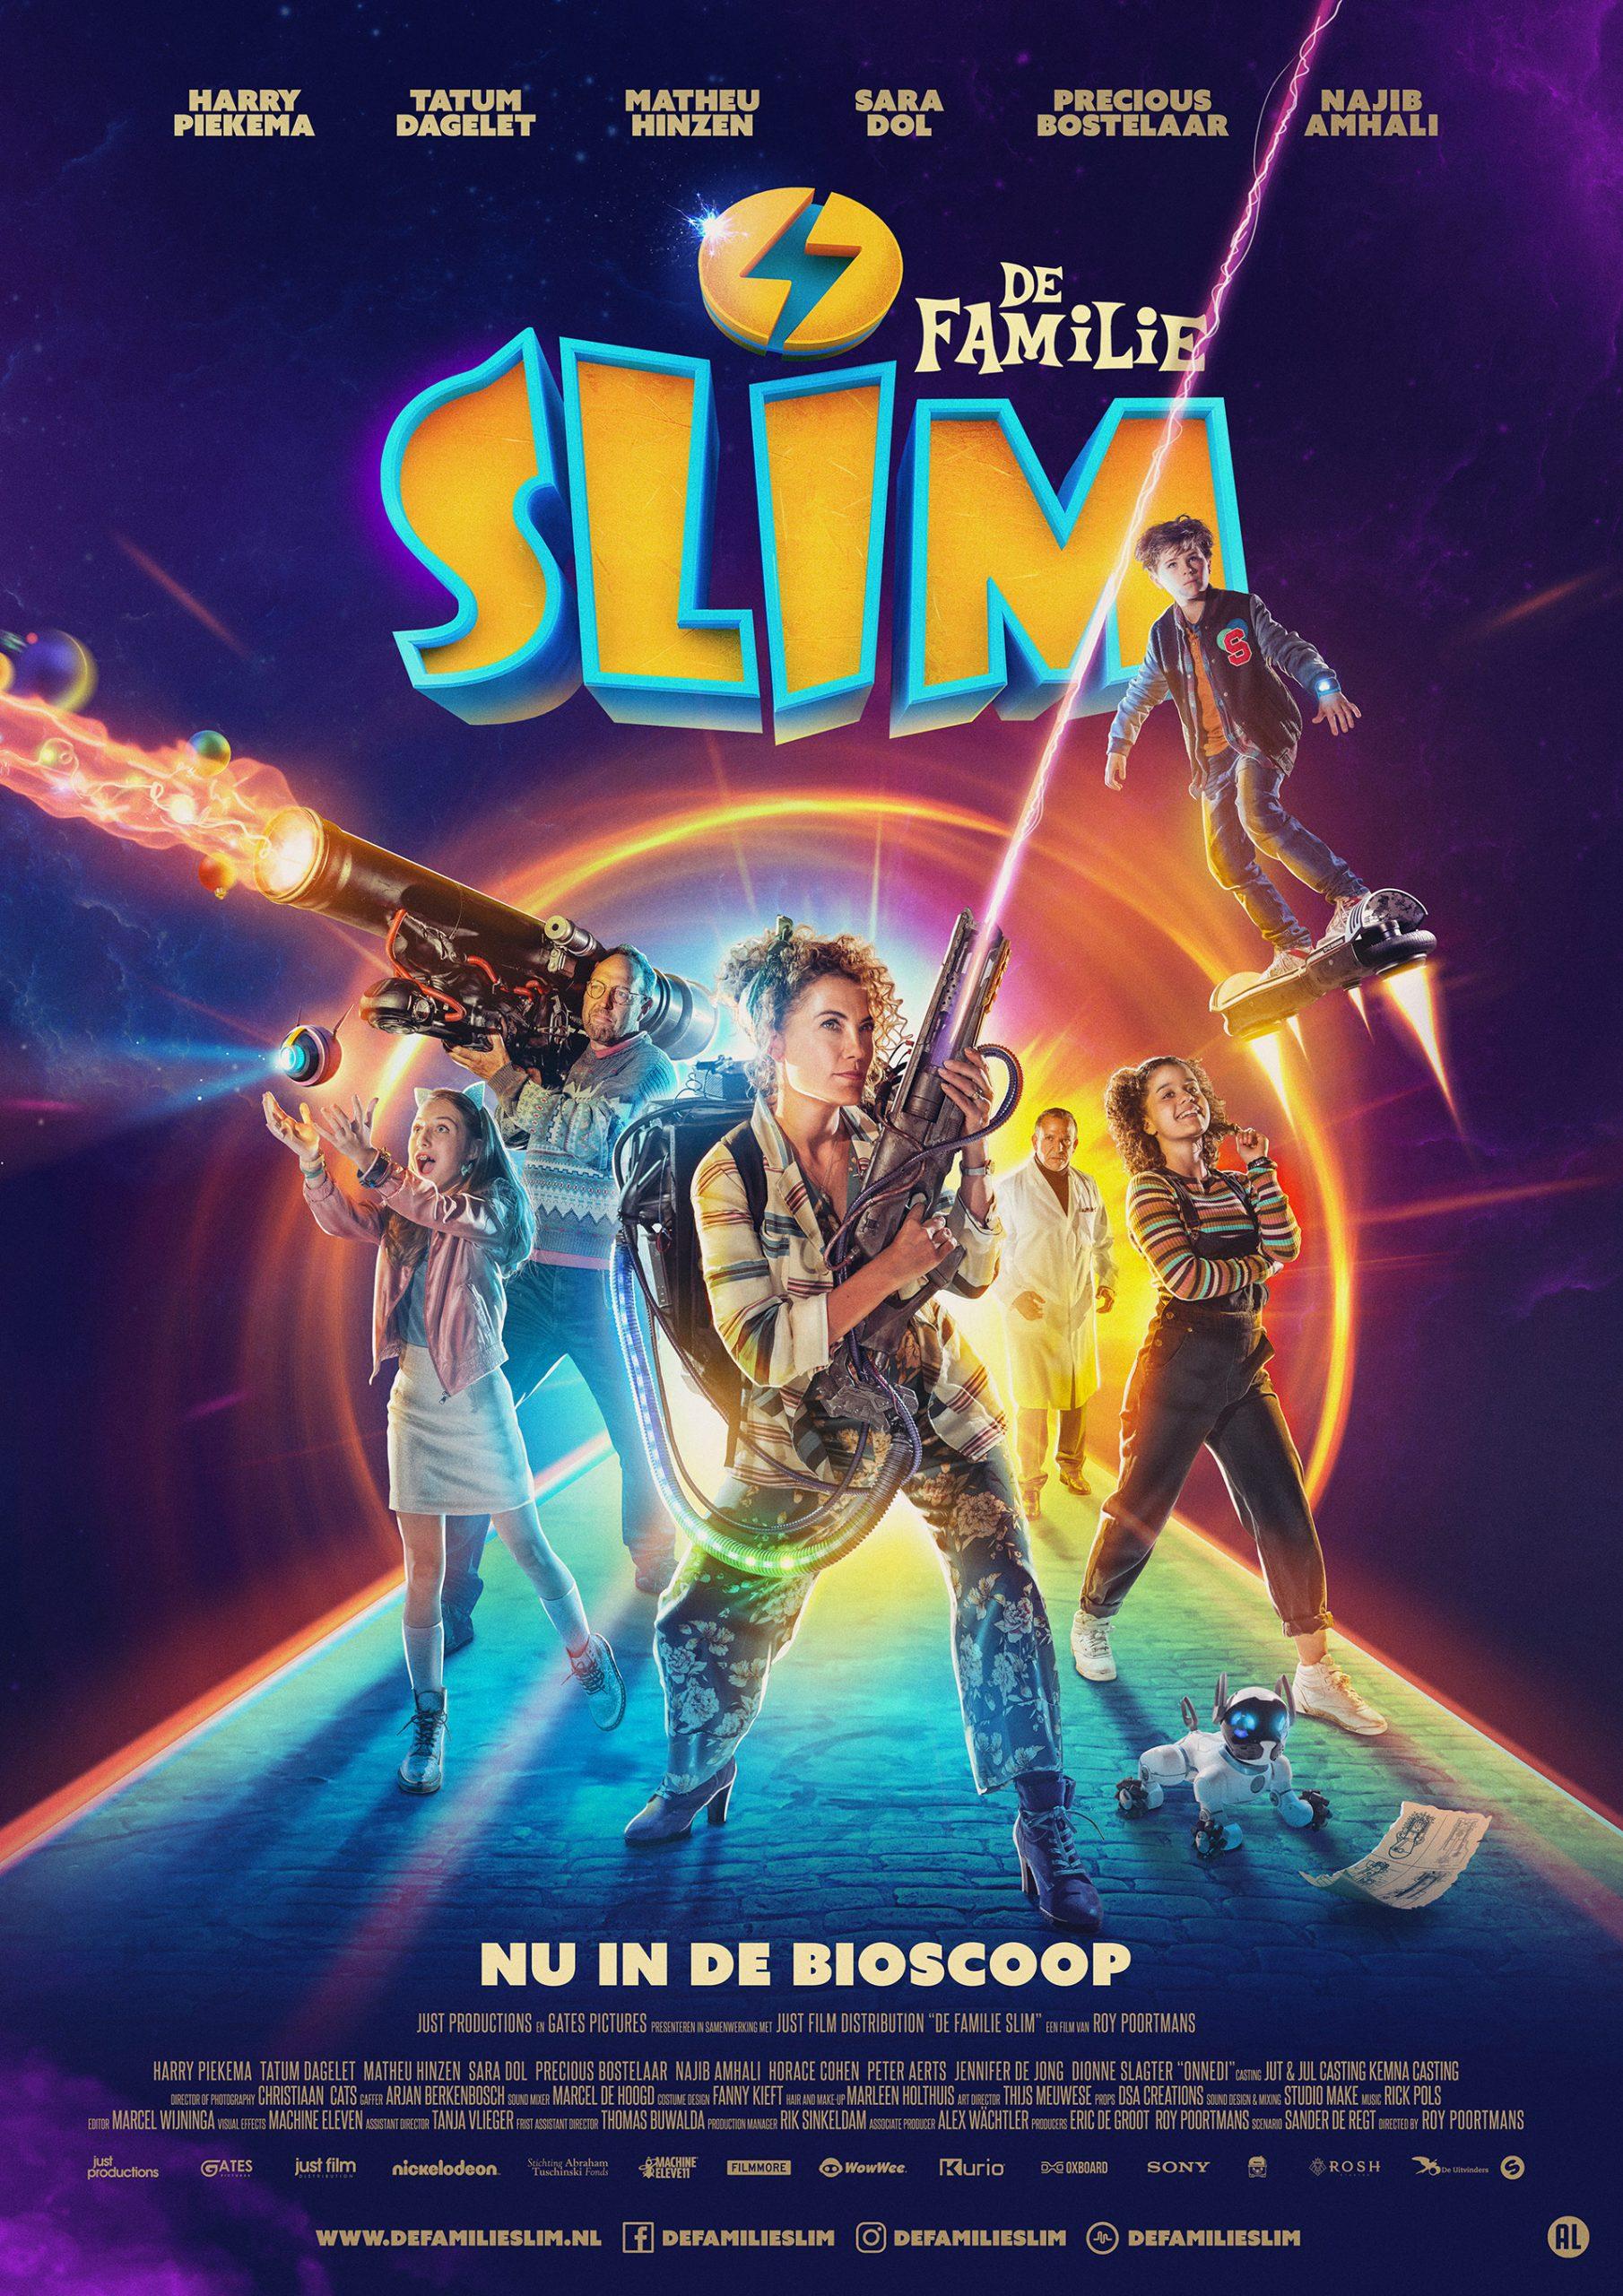 ROSH Studios De Familie Slim Film